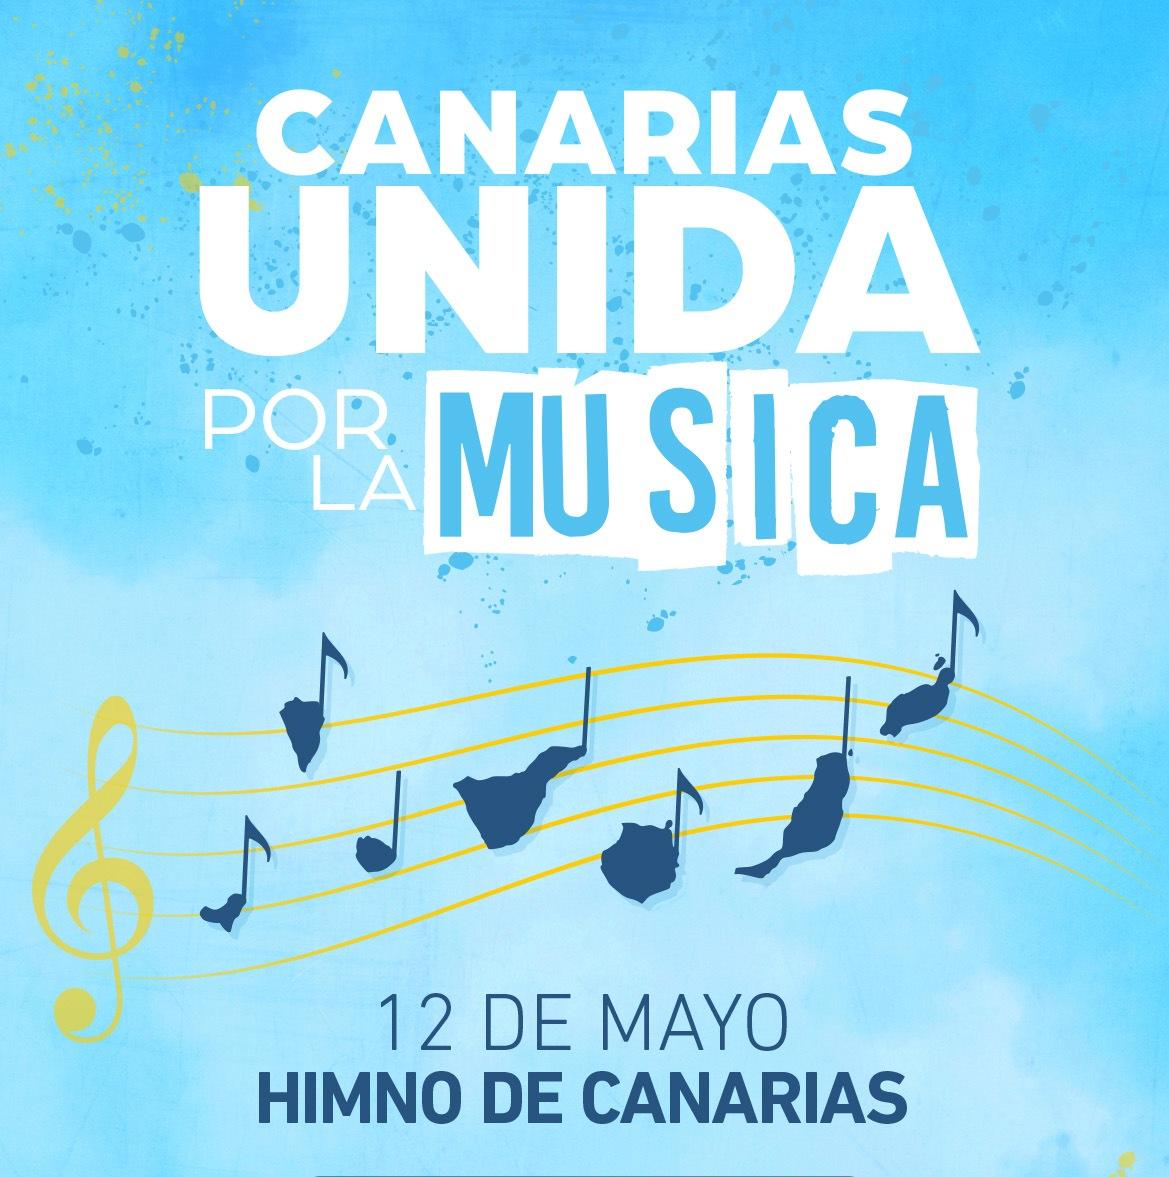 Pasacalle y conciertos de diferentes bandas de música para interprentar el Himno de Canarias